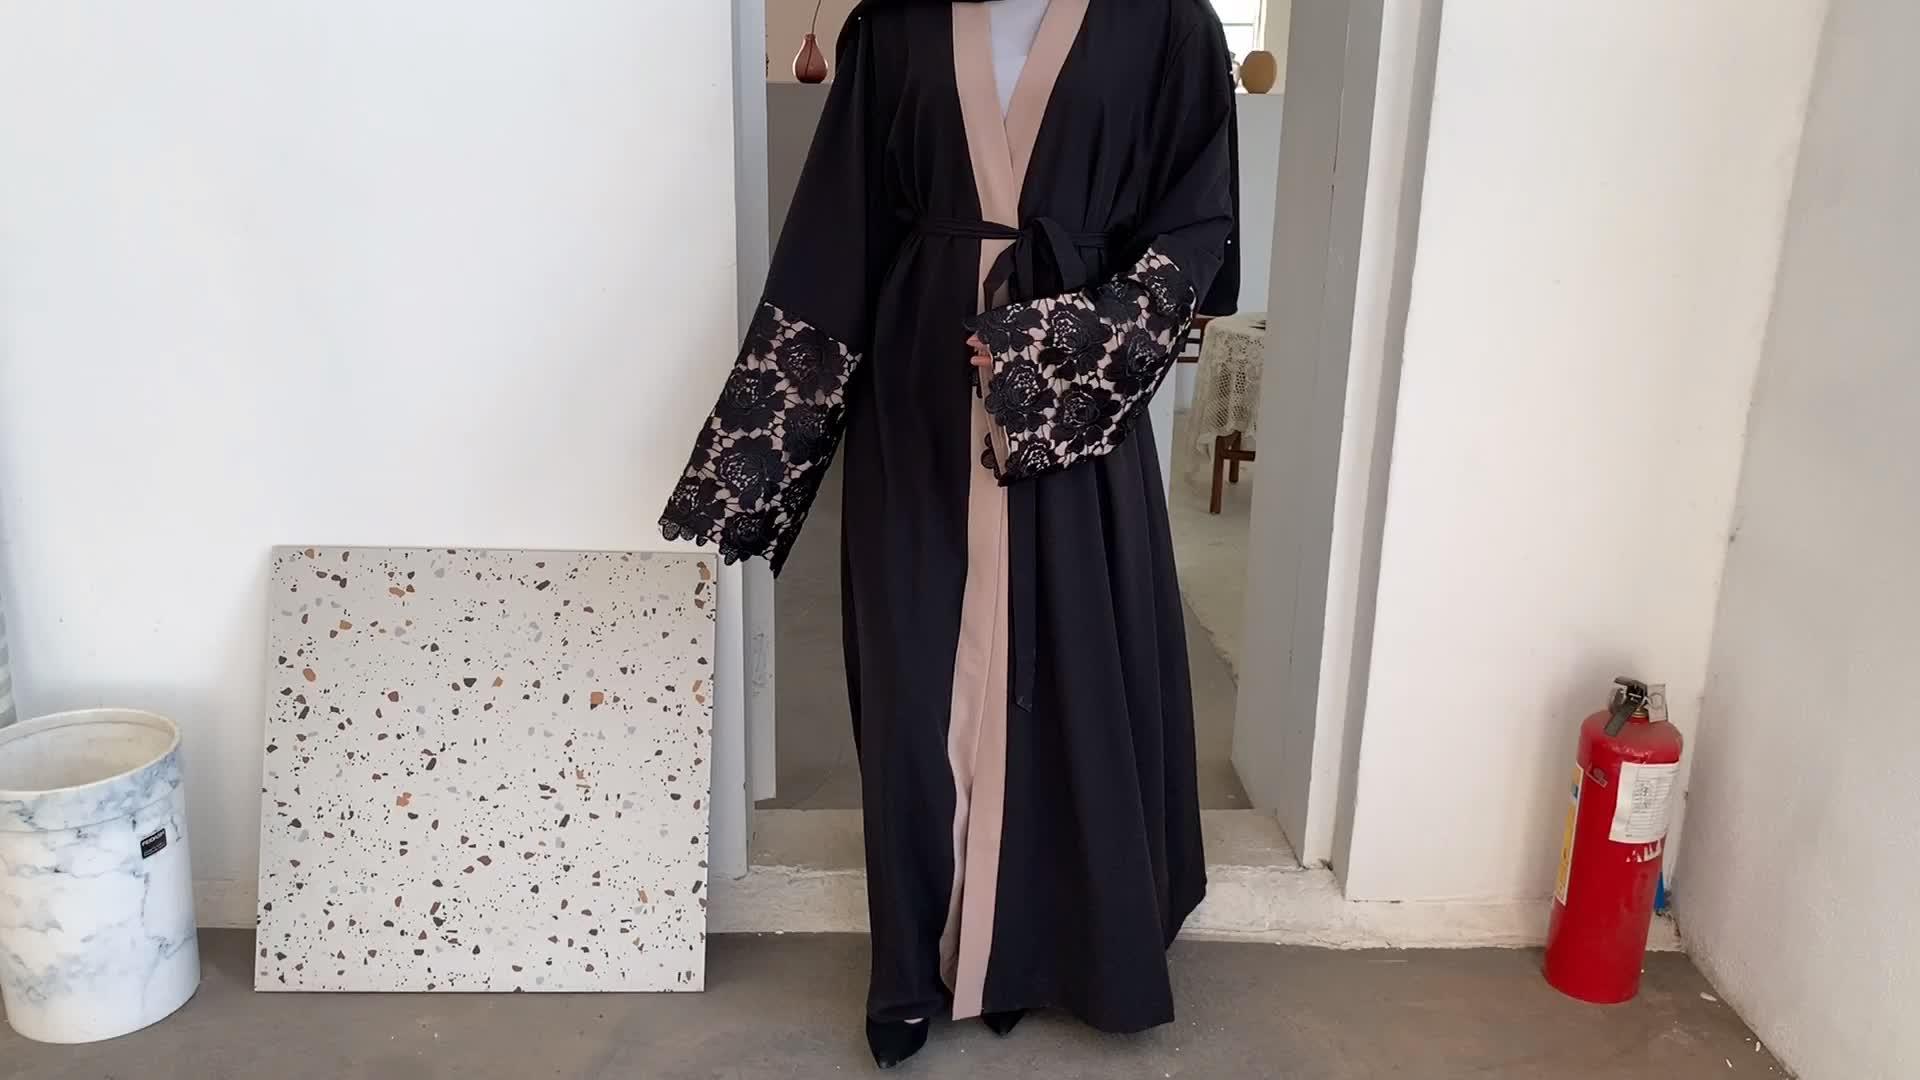 1502 #2019 Mới Nhất Thiết Kế Mới Thêu Cardigan Hồi Giáo Quần Áo Thời Trang Phía Trước Mở Kimono Arabic Phong Cách Dubai Hồi Giáo Abaya